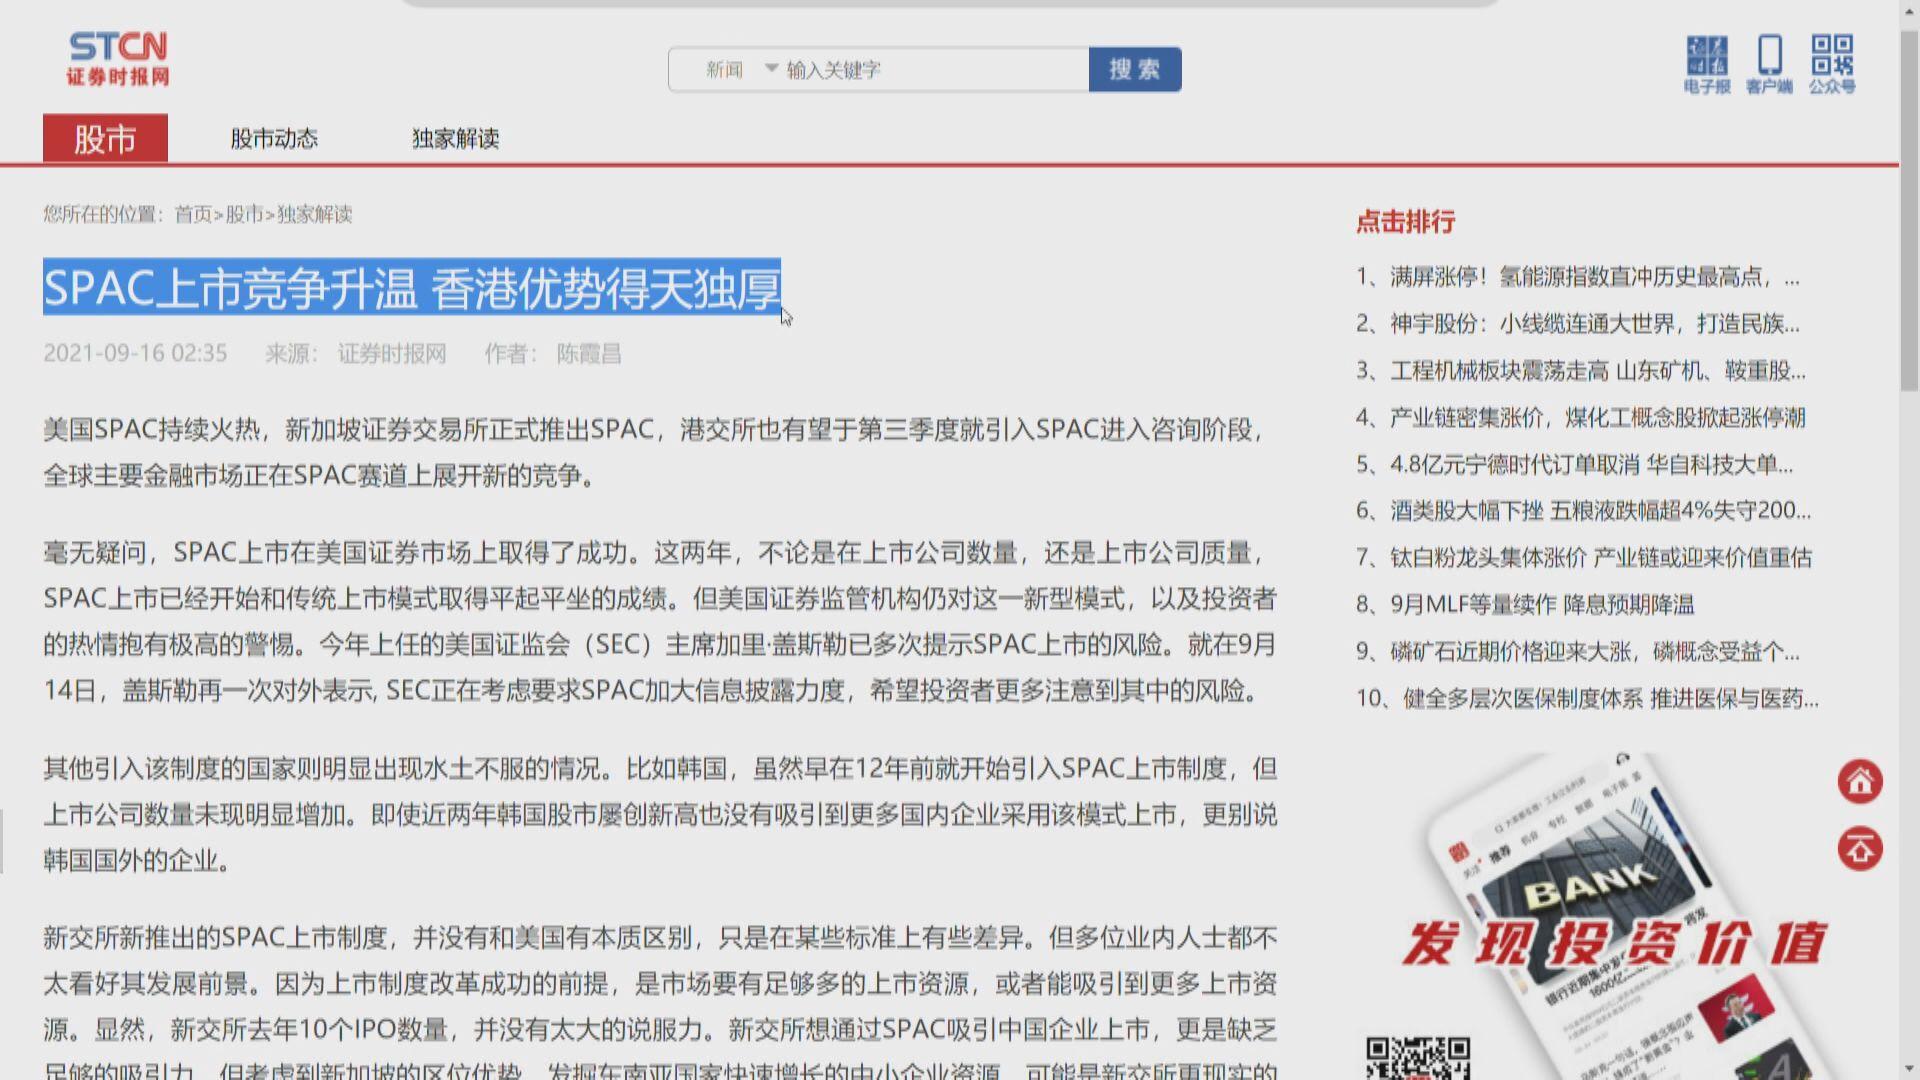 官媒:香港是SPAC上市極佳試驗田